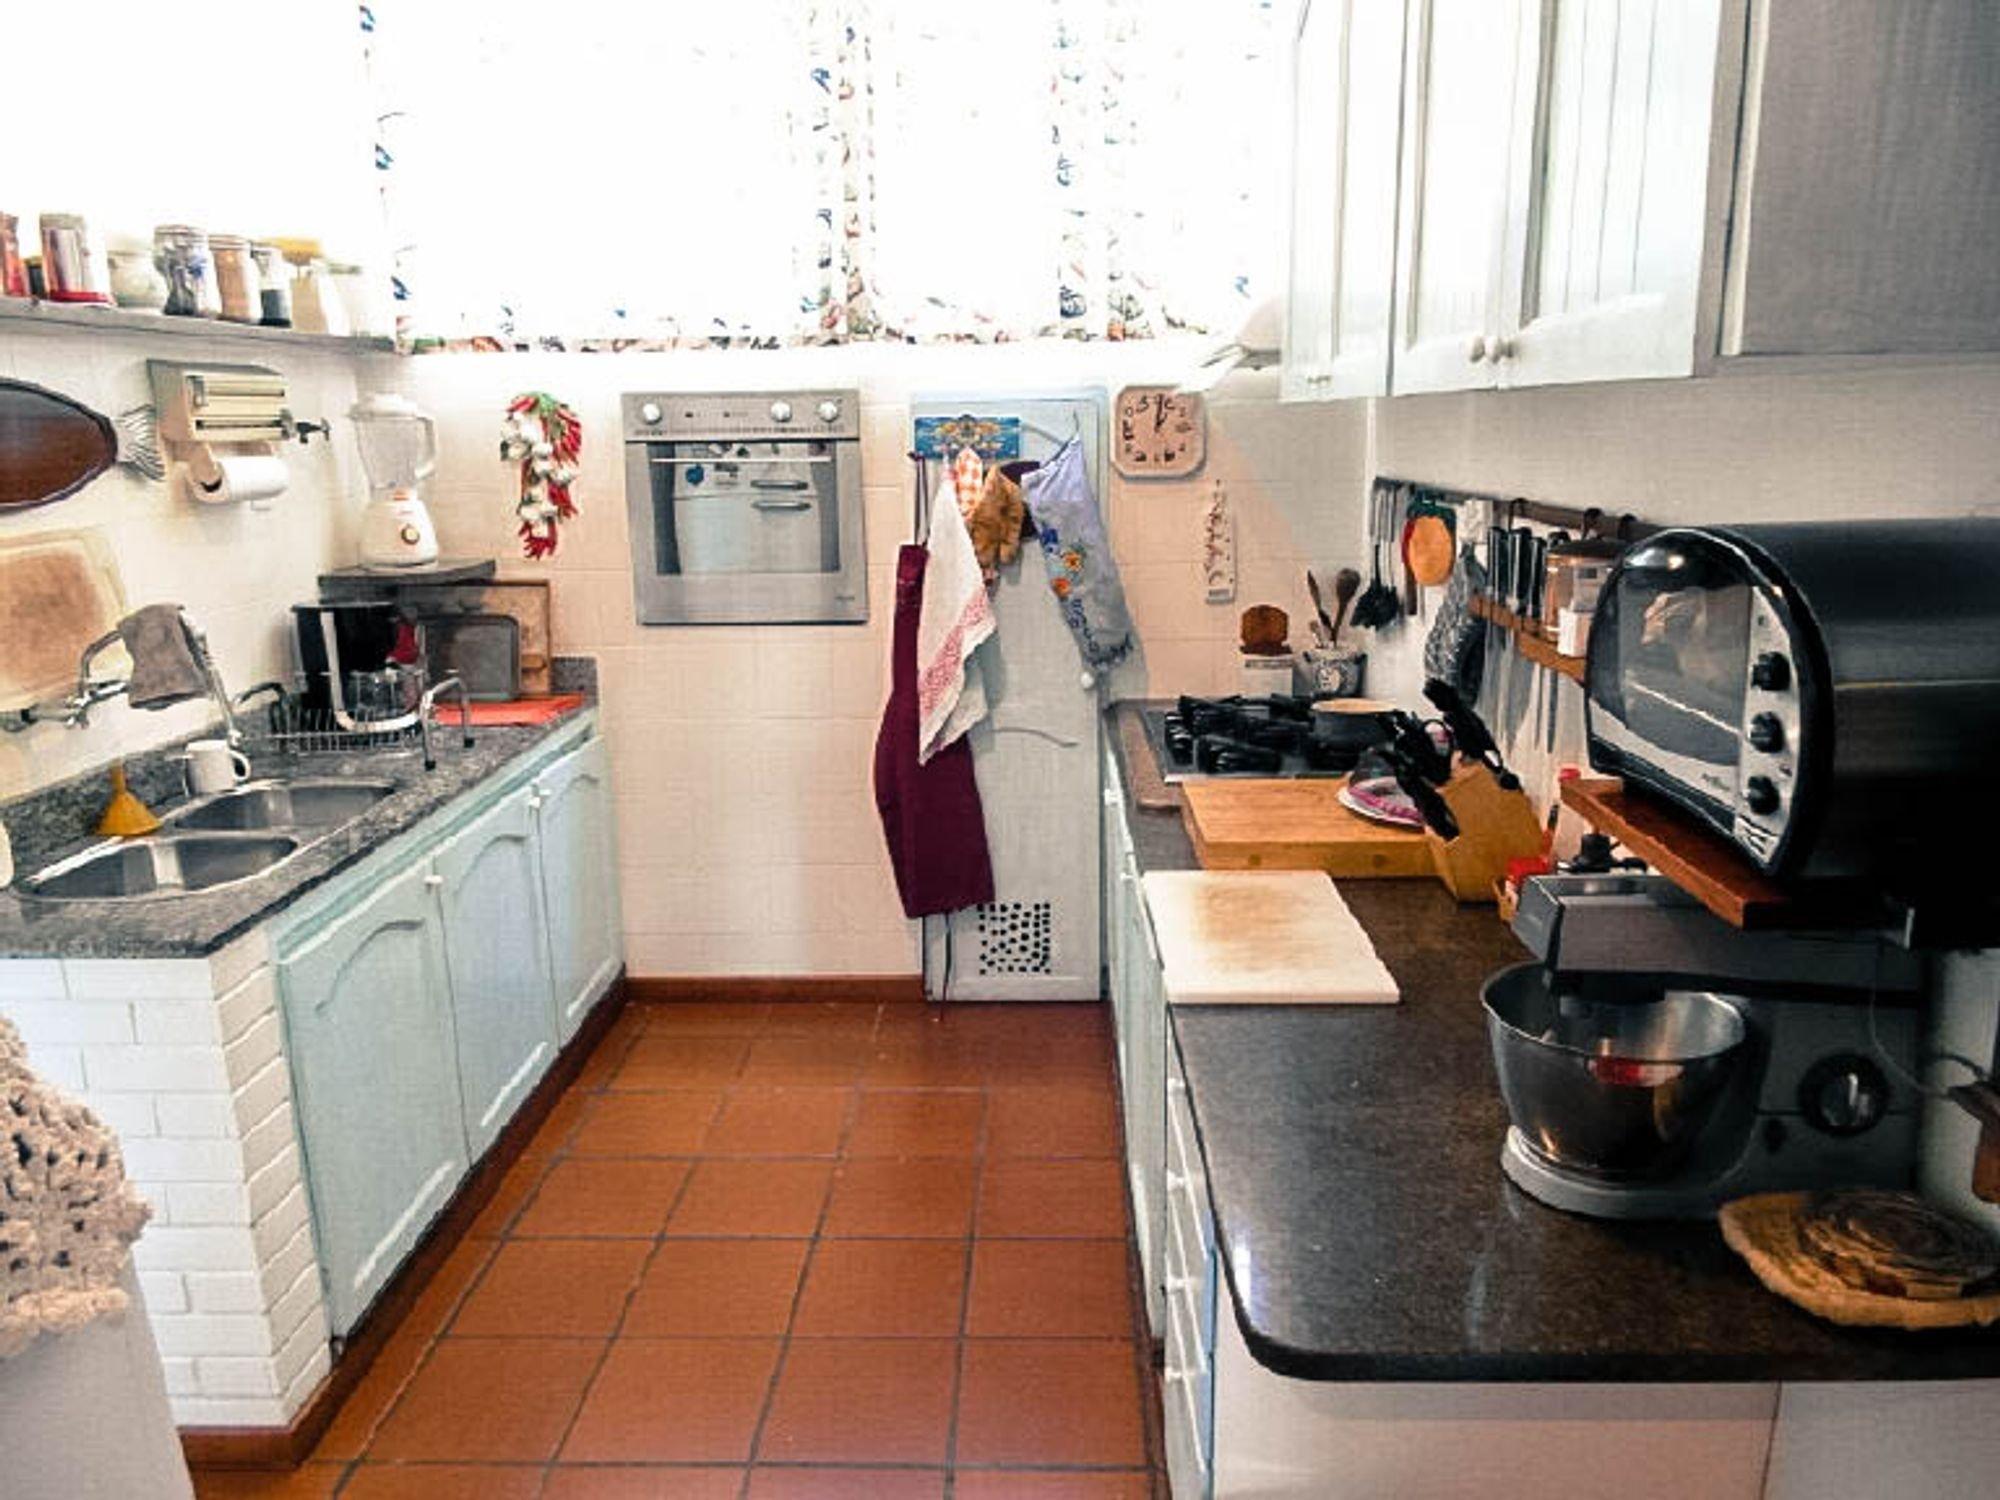 Foto de Cozinha com tigela, pia, xícara